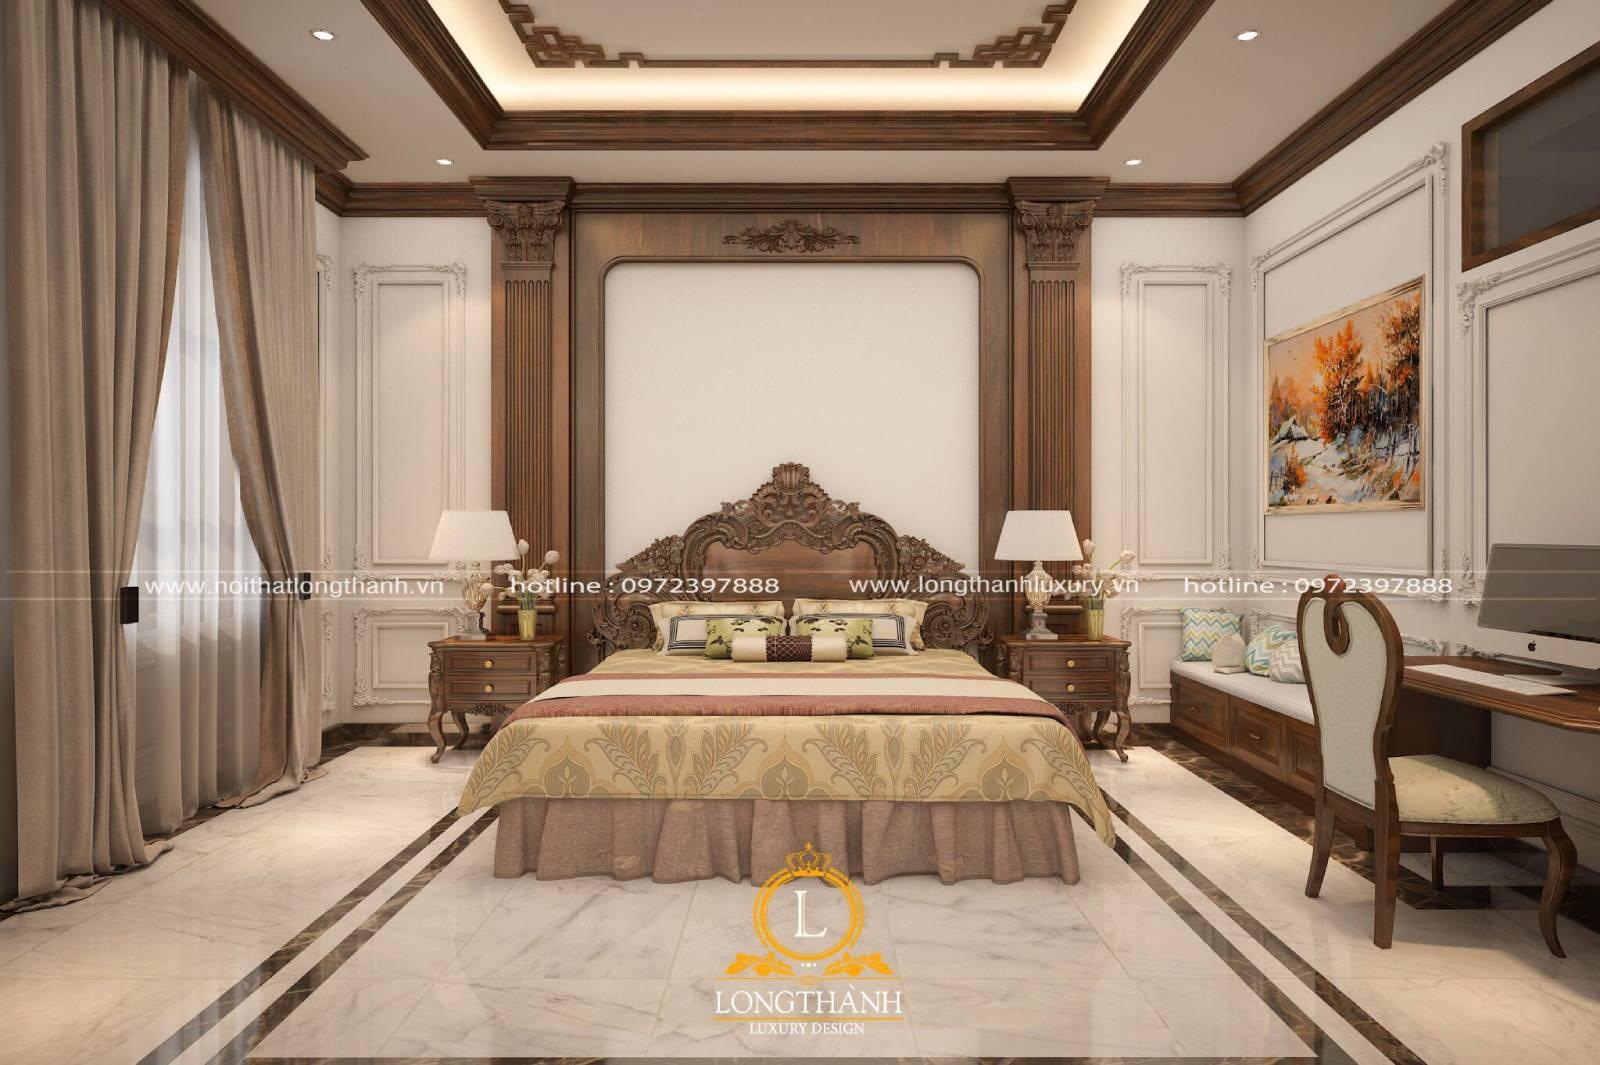 Mẫu phòng ngủ tân cổ điển sang trọng hiện đại cho nhà biệt thự song lập